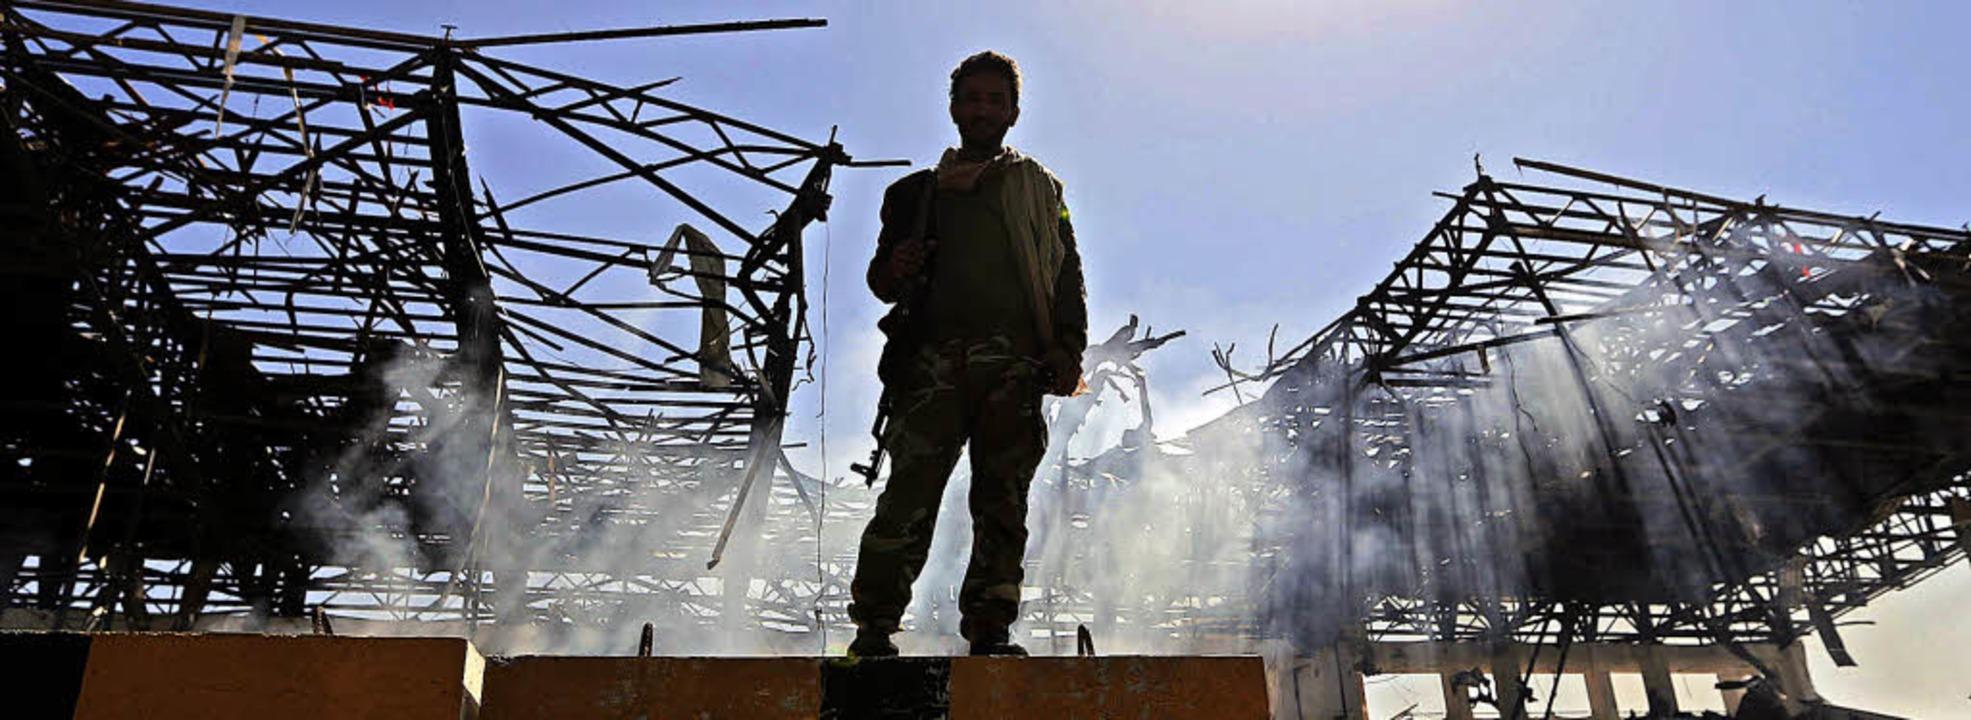 Ein Huthi-Kämpfer in Jemen. Dem Iran w...ischen  Rebellen dort zu unterstützen.    Foto: afp